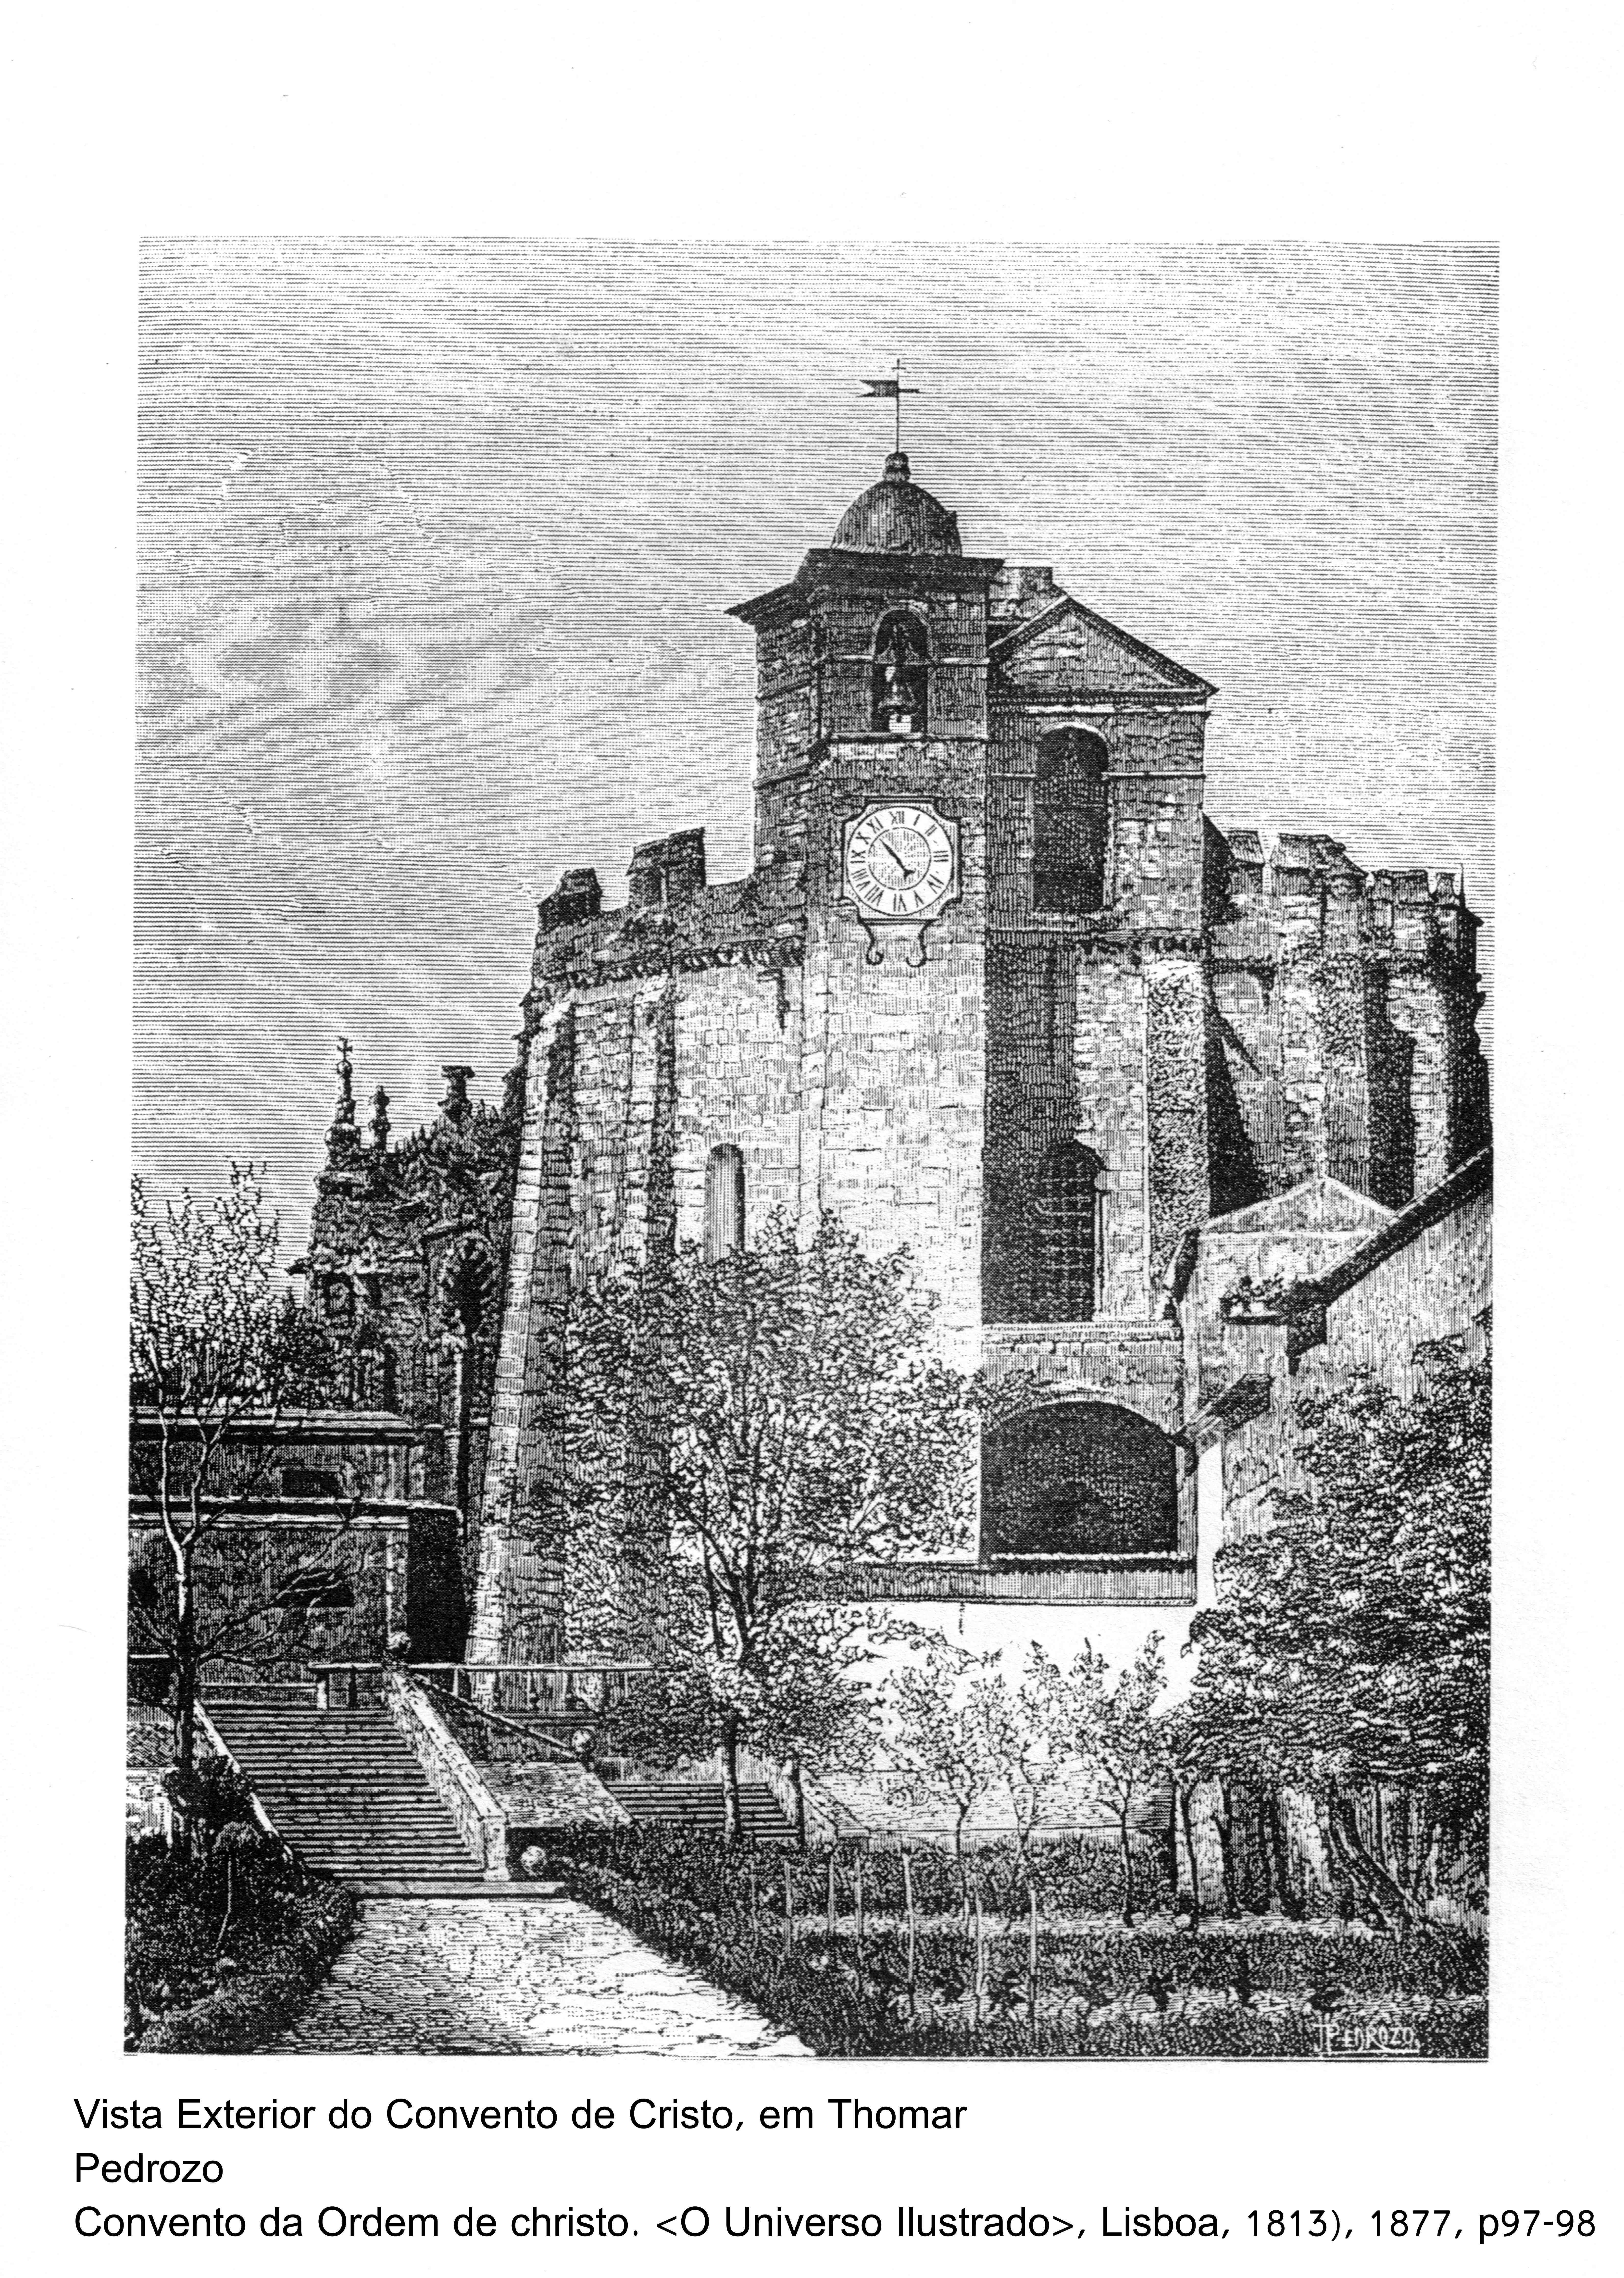 Vista exterior do Convento de Cristo, João Pedrozo 1813,  in O Universo Ilustrado, 1871